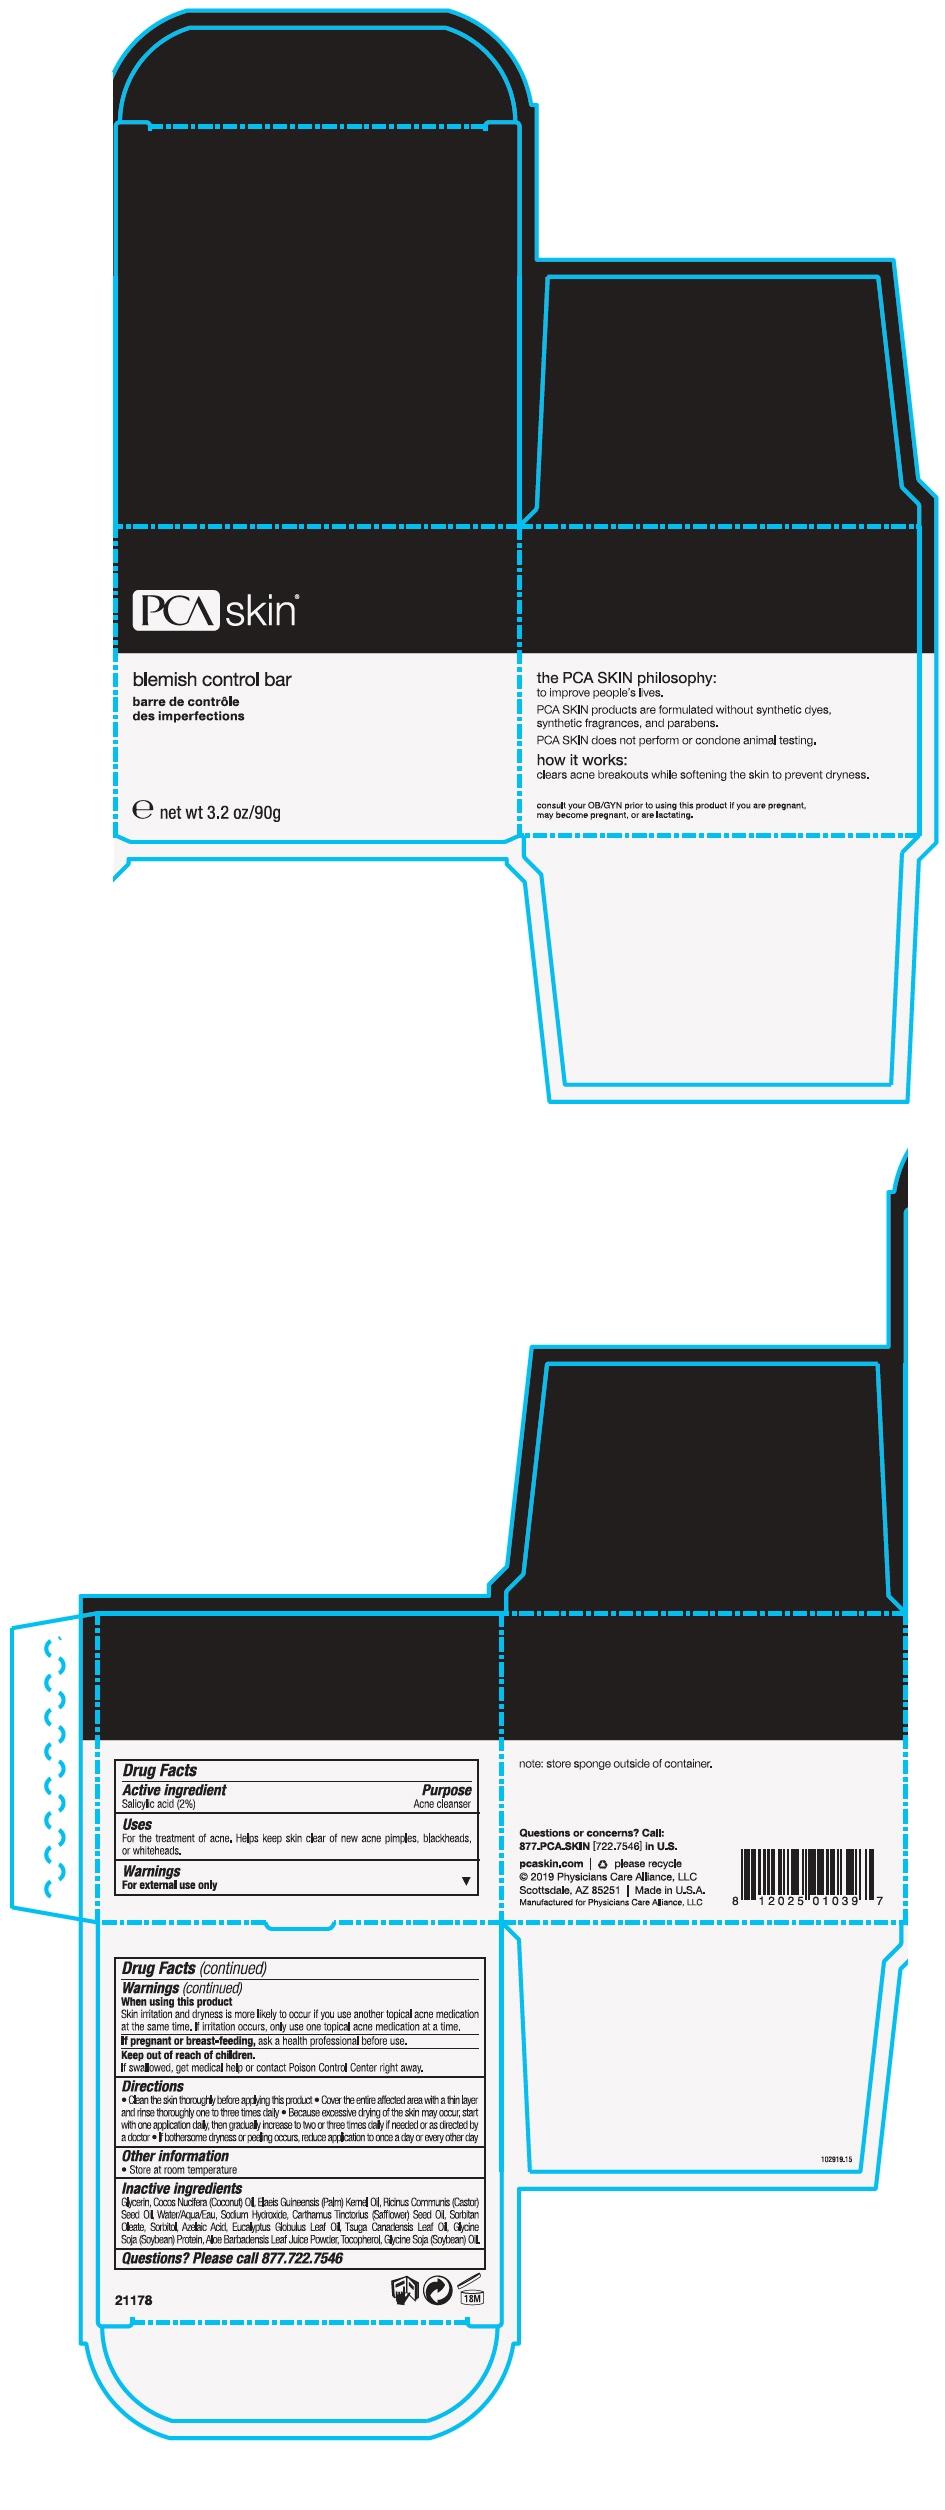 Principal Display Panel - 90 g Jar Carton